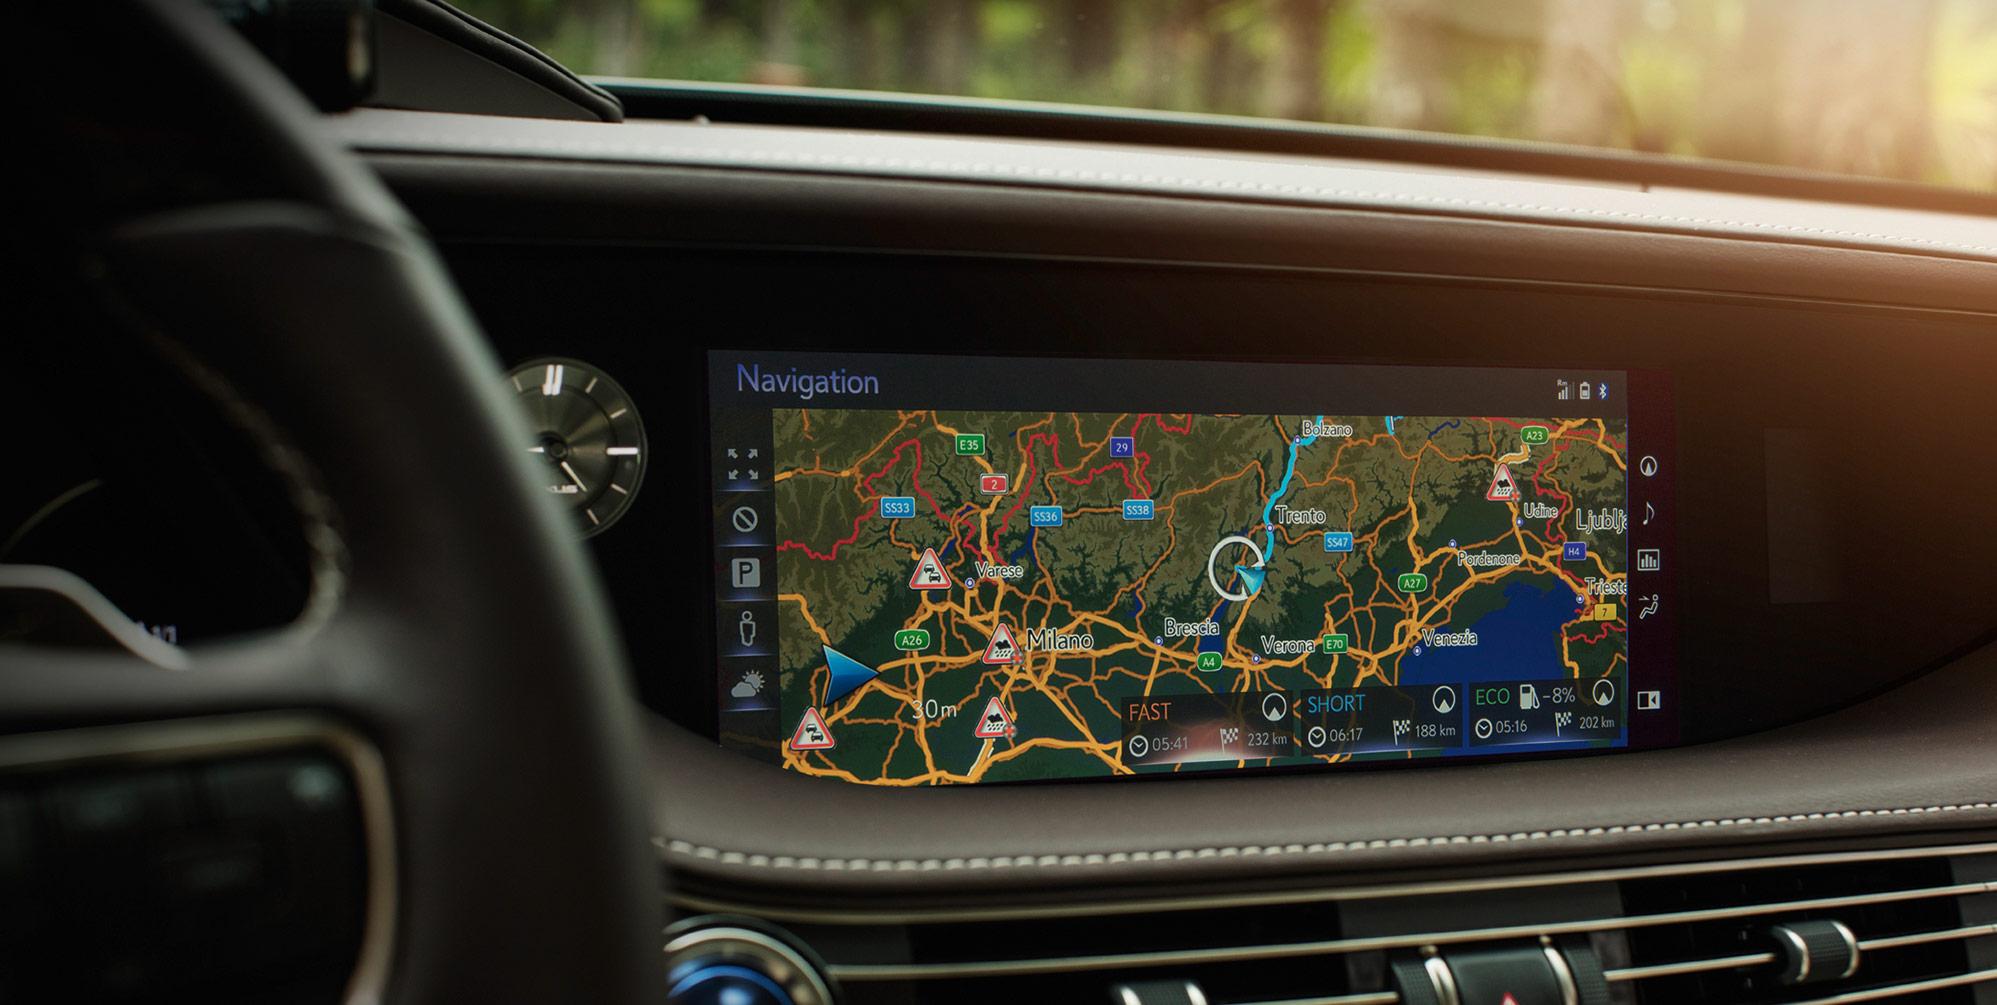 En İyi Navigasyon Uygulamaları 1997x1005 02 Image